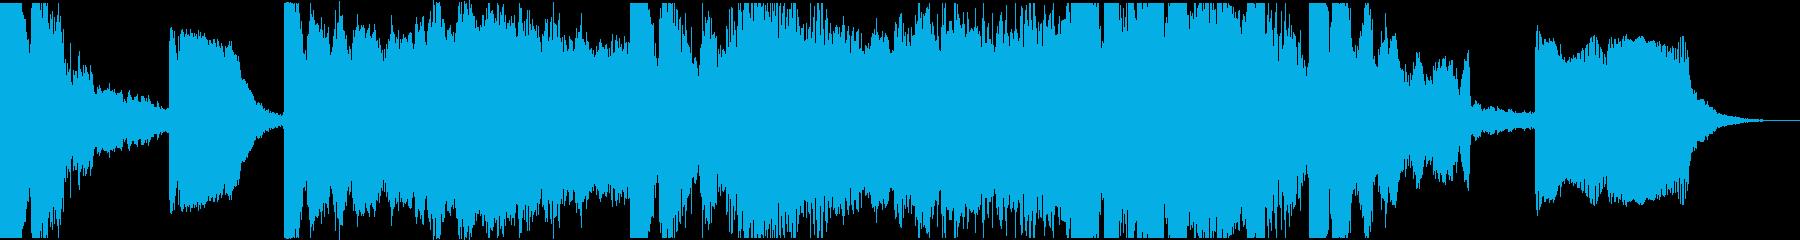 【映画シーン】 キナ臭い談合の再生済みの波形